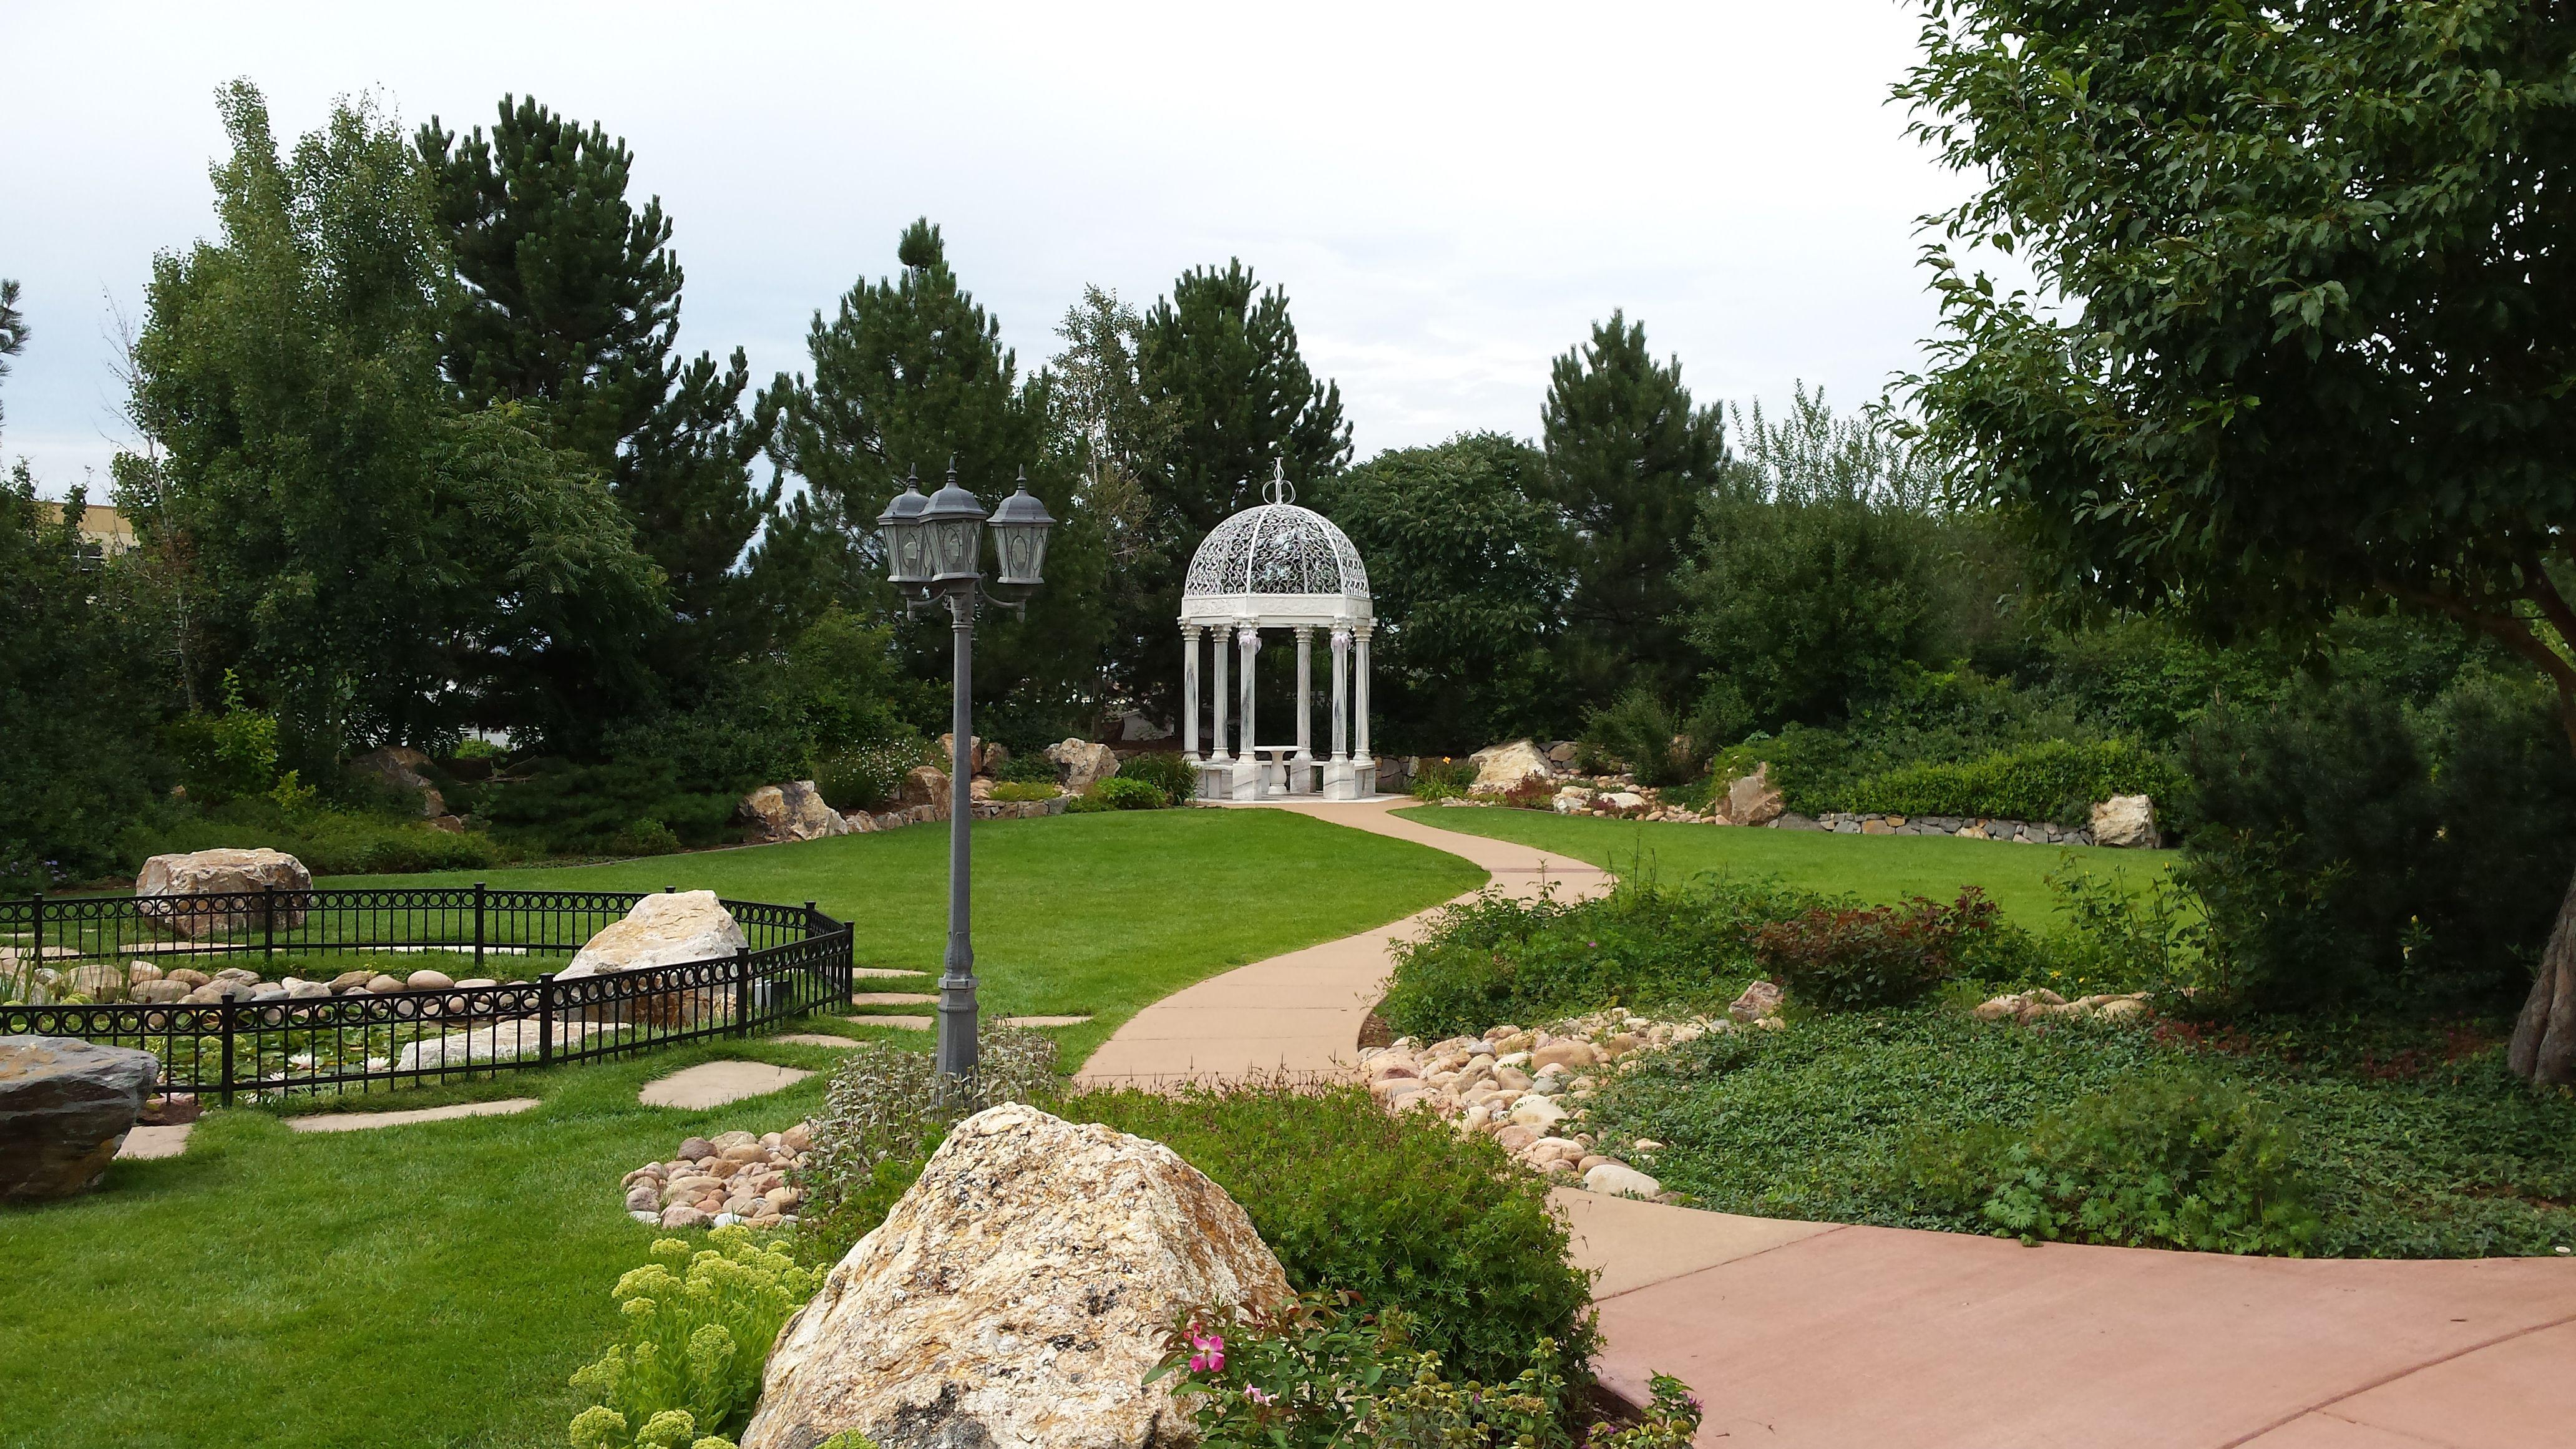 Outdoor & Indoor Wedding Venue Photos   Manor garden ...